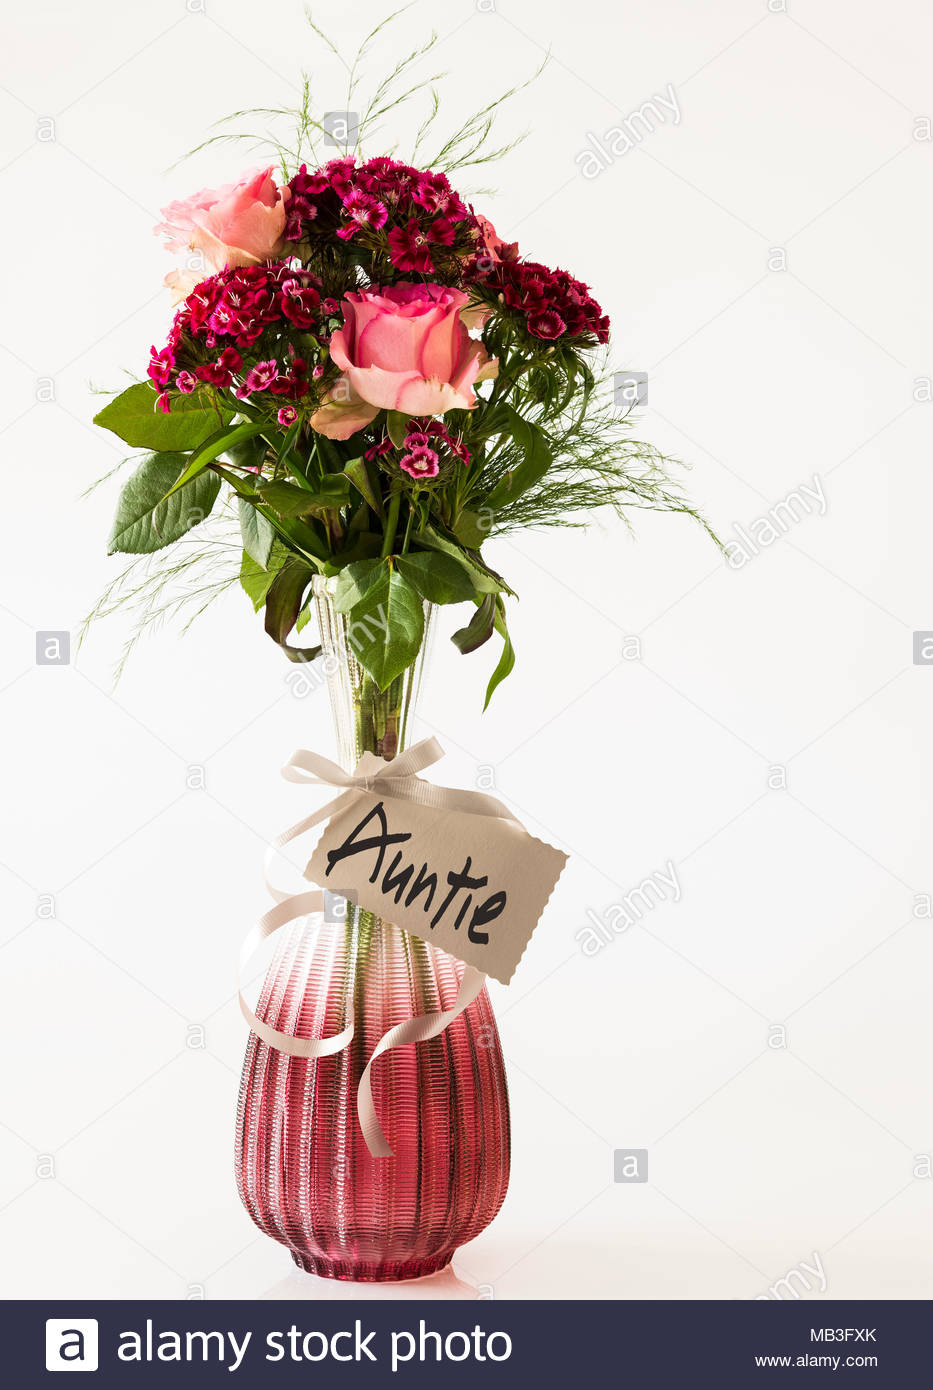 Ganz und zu Extrem Blumen in einem eleganten Vase mit dem Wortlaut der Tante auf dem &CX_59